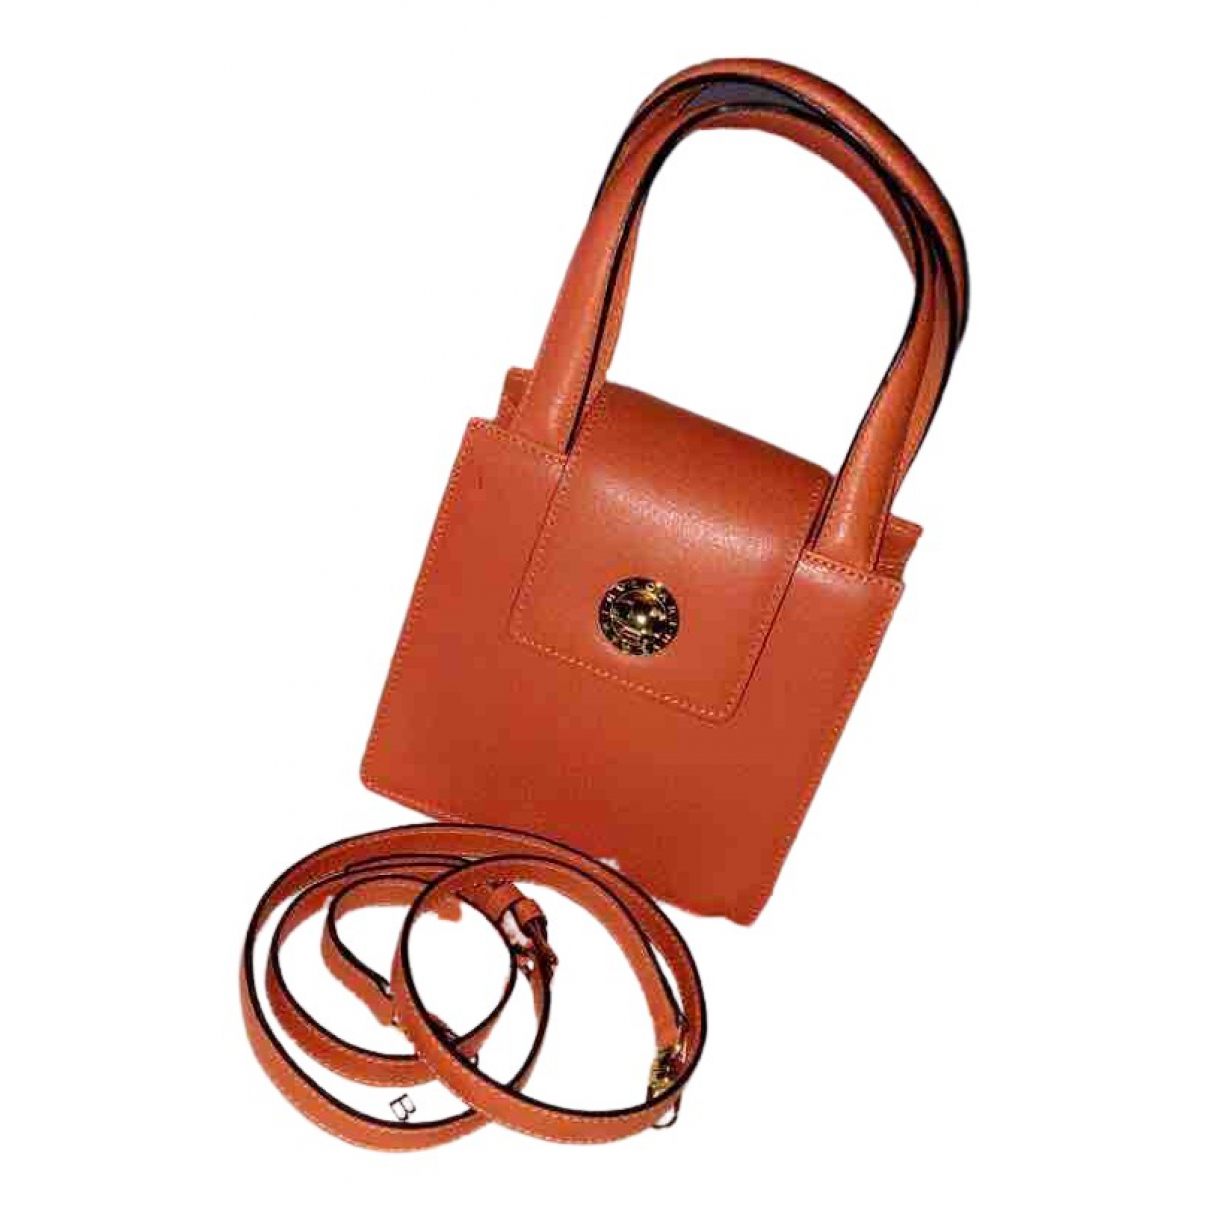 Bvlgari - Sac a main   pour femme en cuir - orange